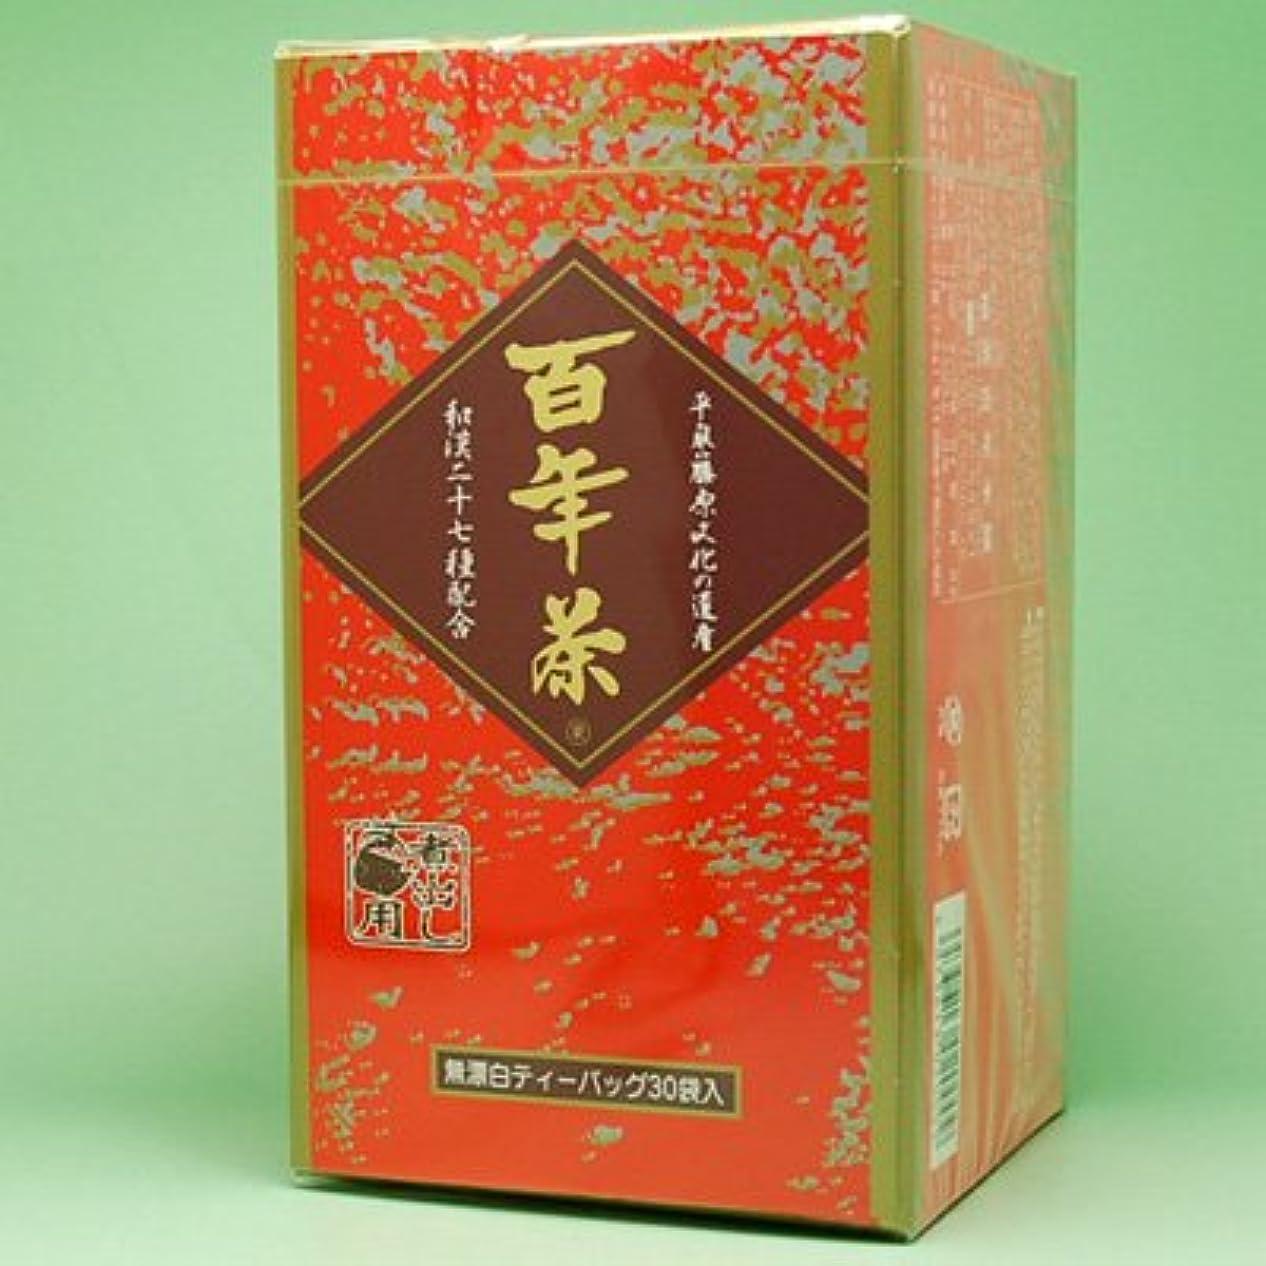 減少恐怖症デザイナー精茶百年 蕃柘榴配合 30袋 (#122200) ×6個セット